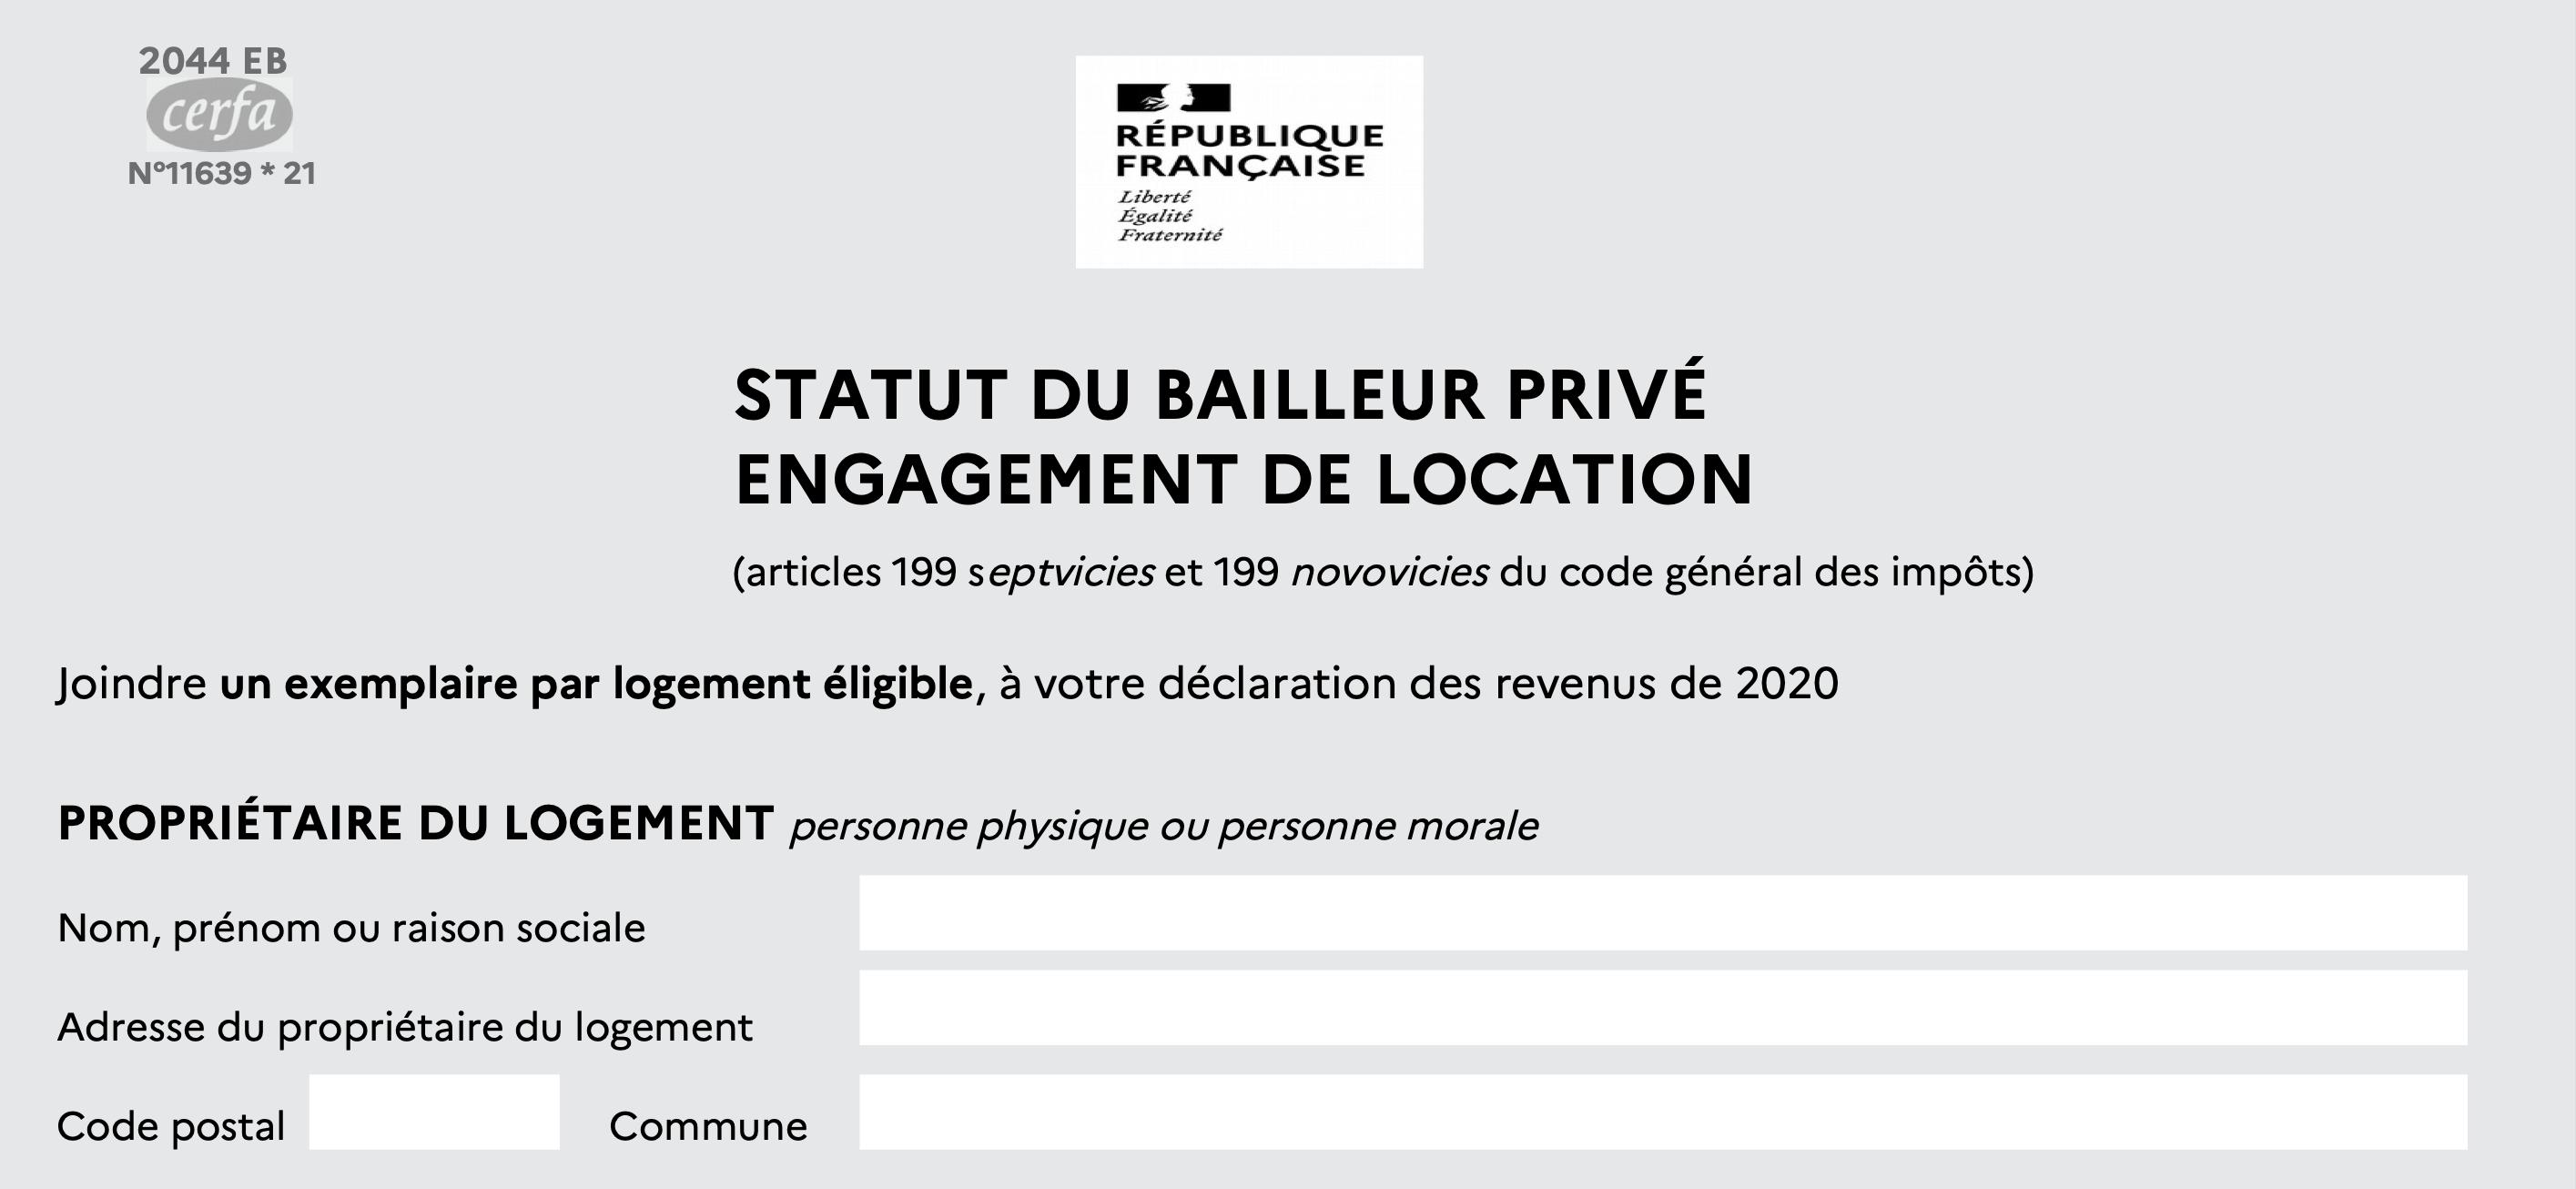 Statut de bailleur privé engagement de location